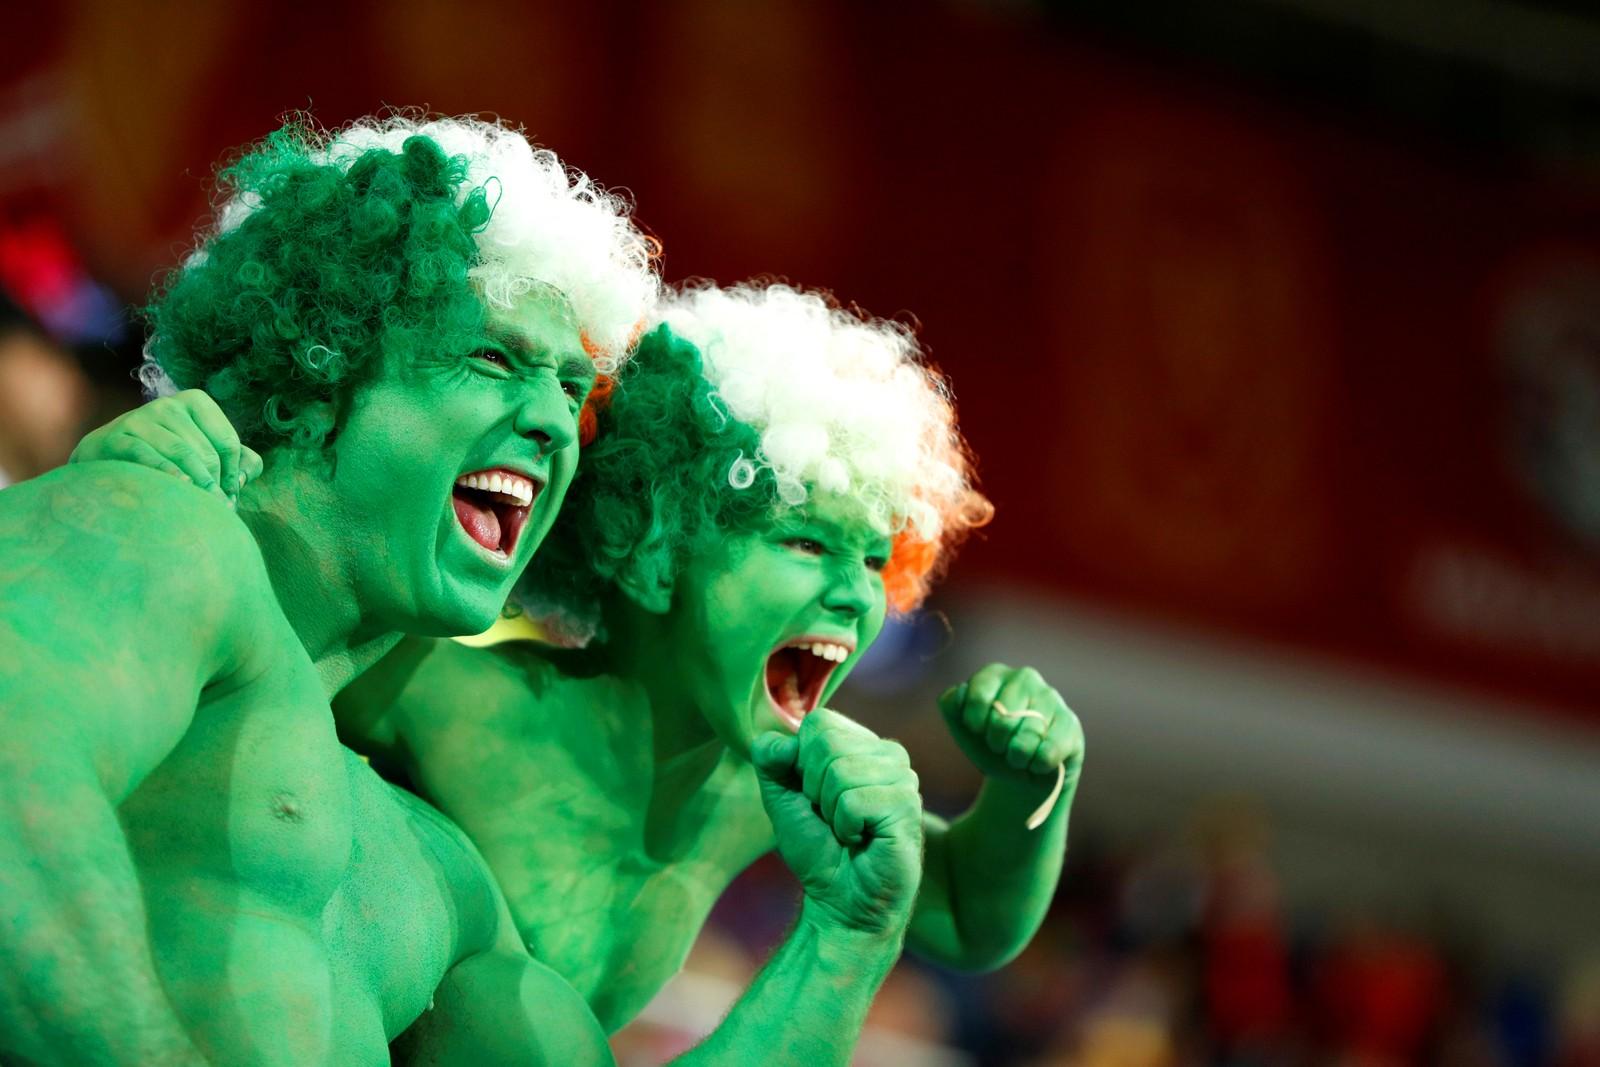 Håpet er lysegrønt. Disse irske gutta gir alt før kampen mellom Irland og Wales. Irland vant kampen 1-0.